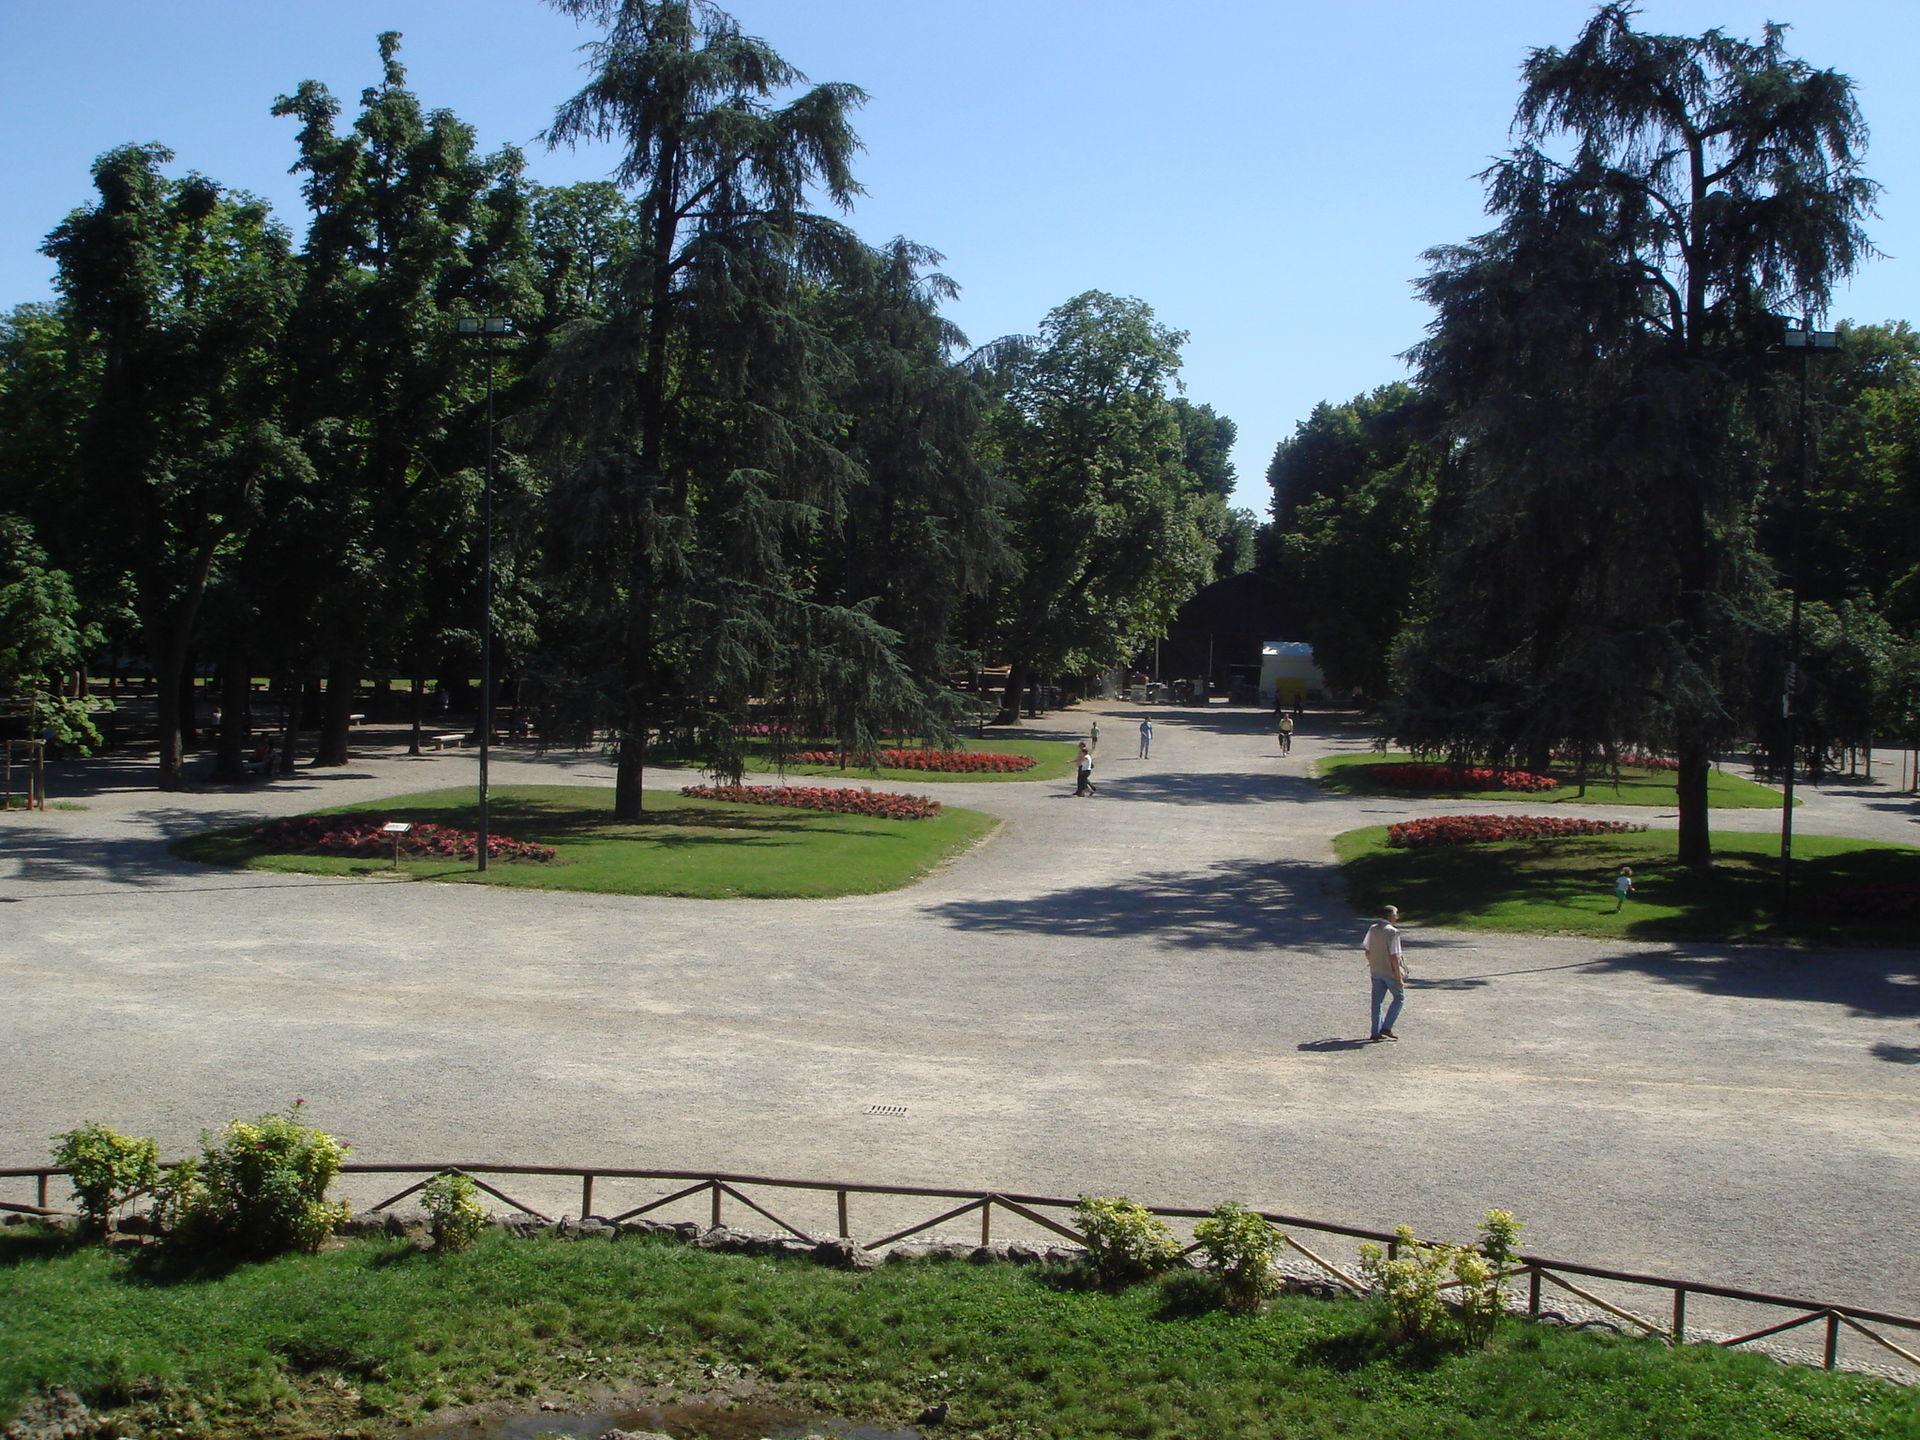 Giardini pubblici indro montanelli milan wikimedia commons - Giardini di montagna foto ...